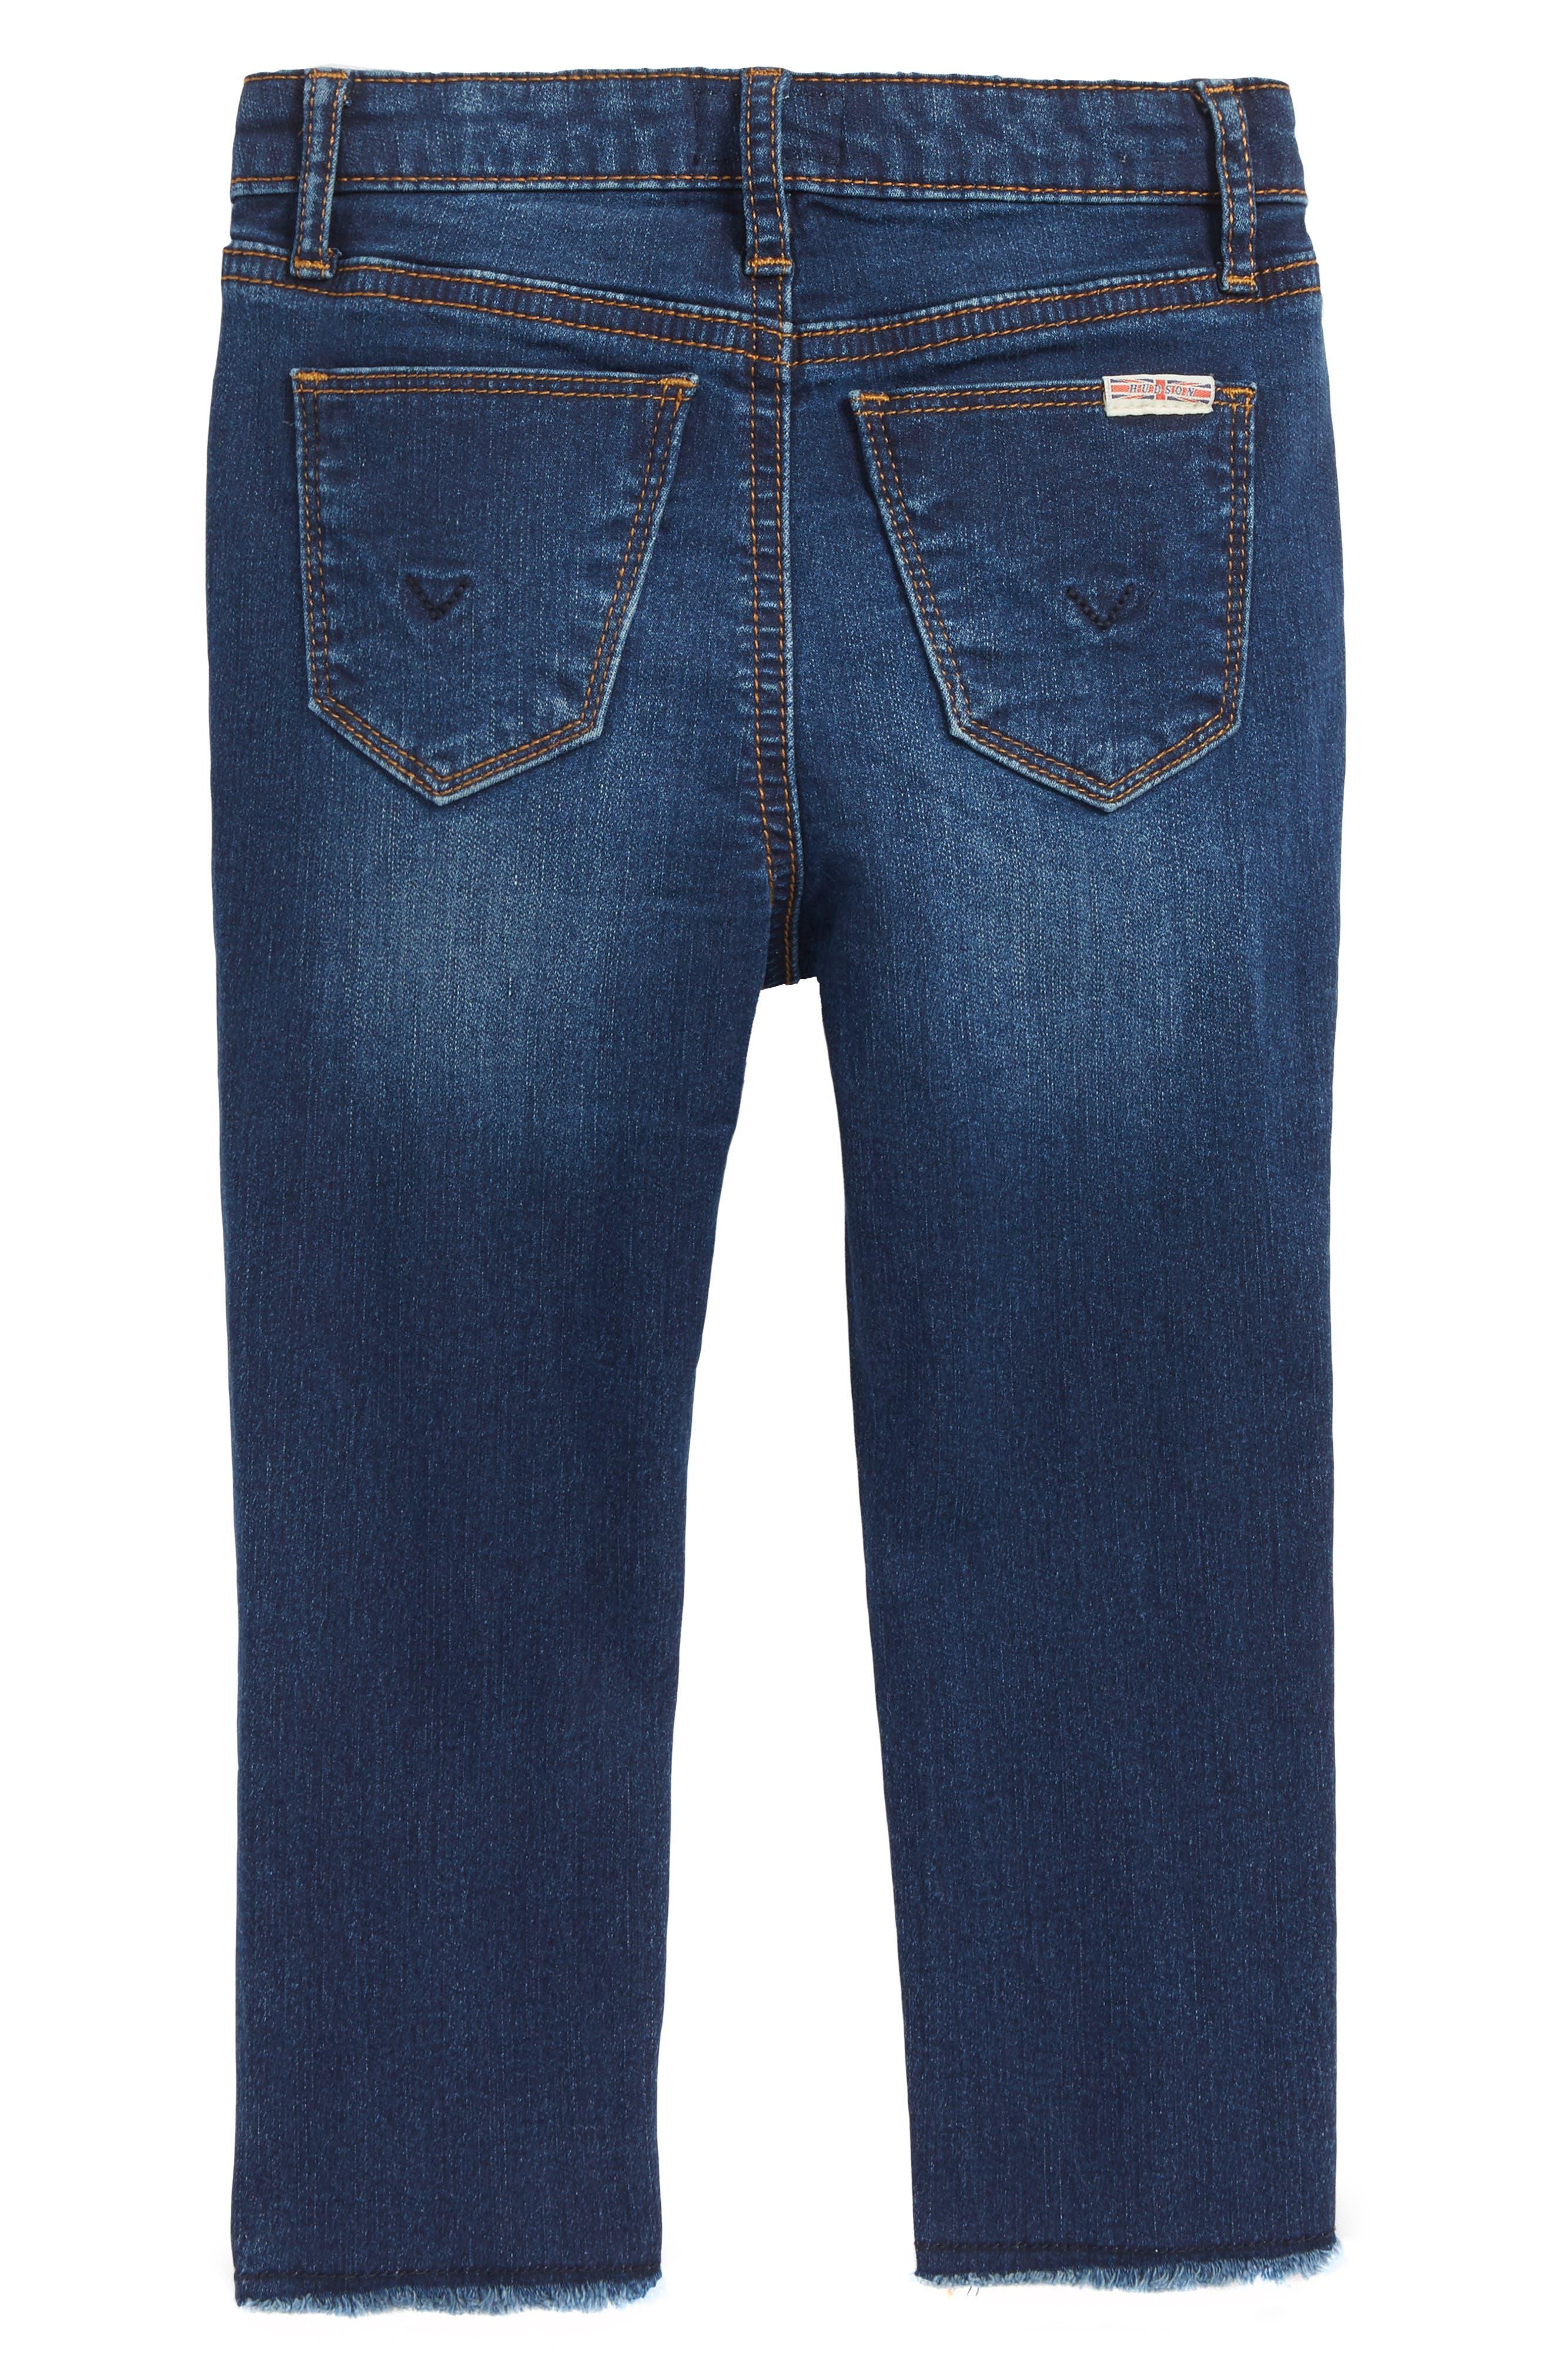 Calin Pull-On Skinny Jeans,                             Alternate thumbnail 2, color,                             BDT-BLUE DEPTHS